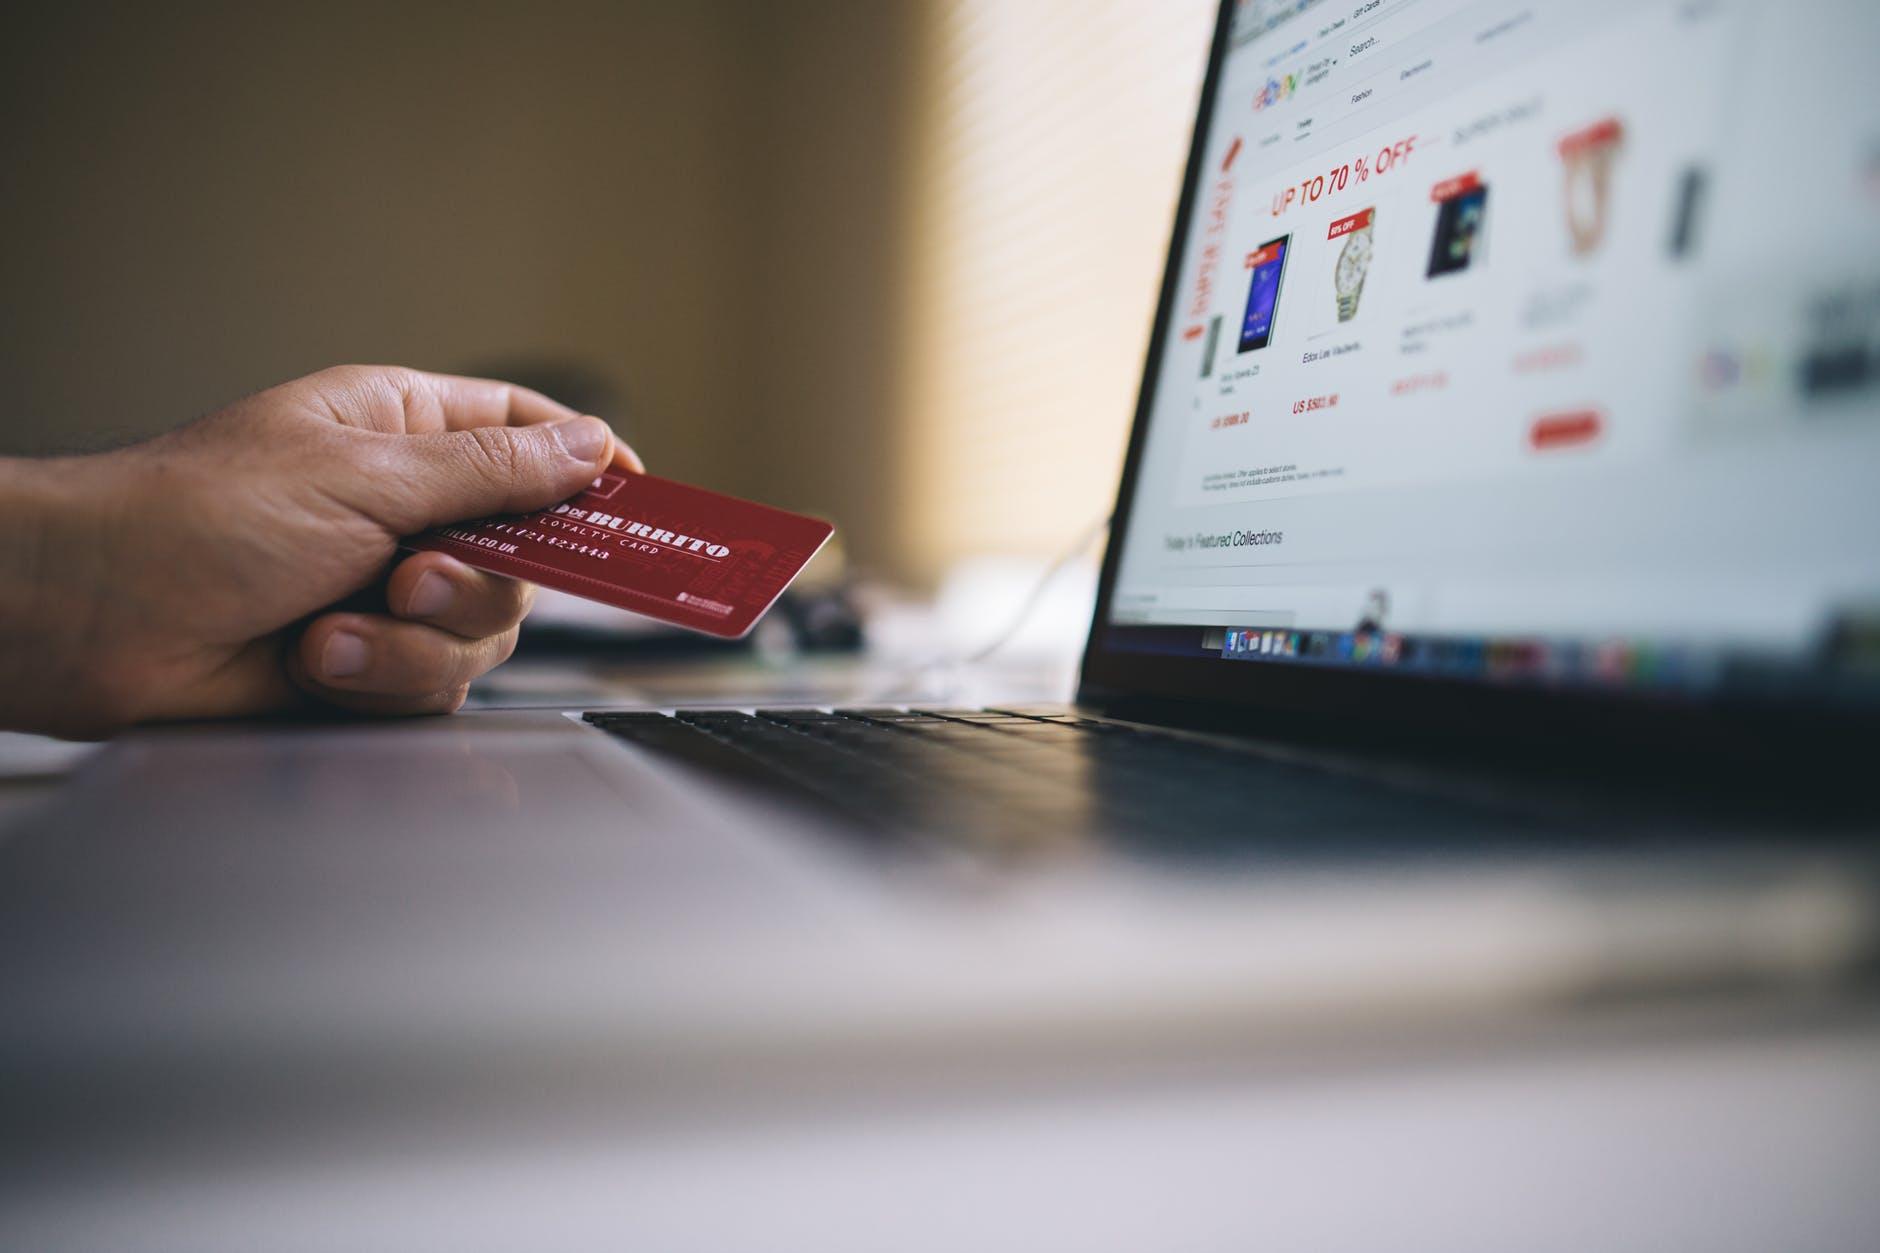 SEO Tips for E-Commerce Websites